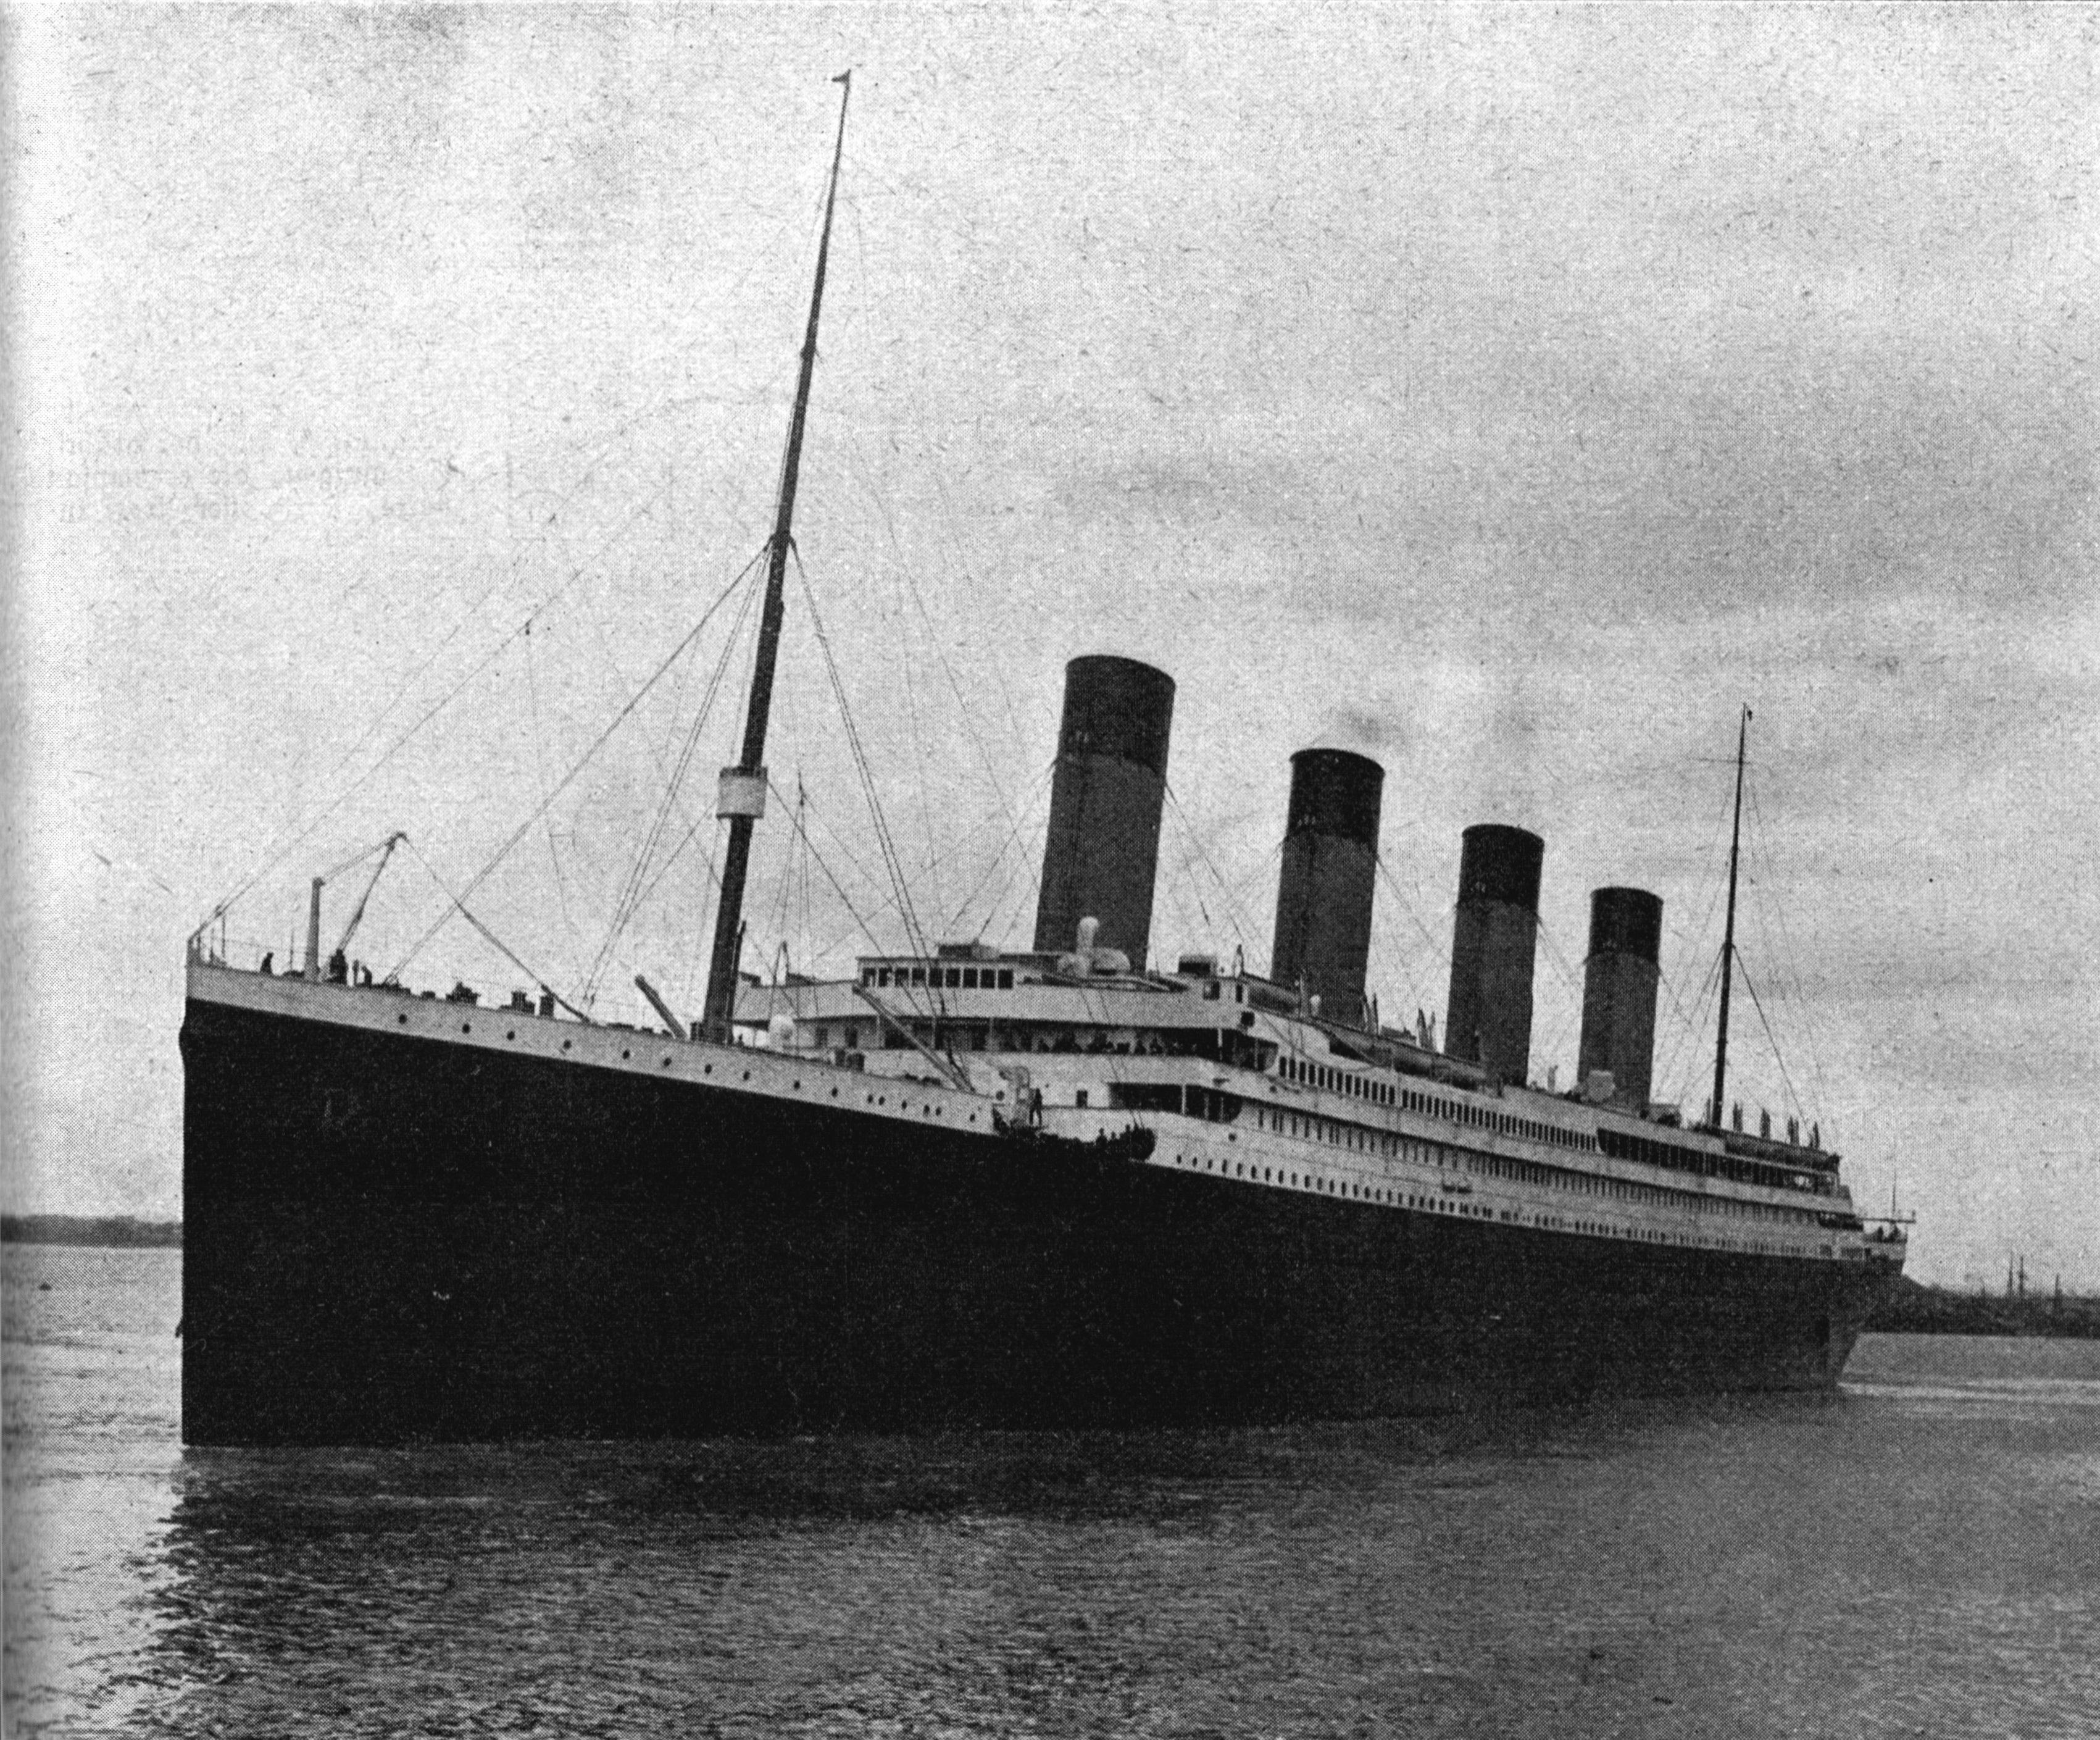 le 100200me anniversaire du naufrage du titanic le 15 avril